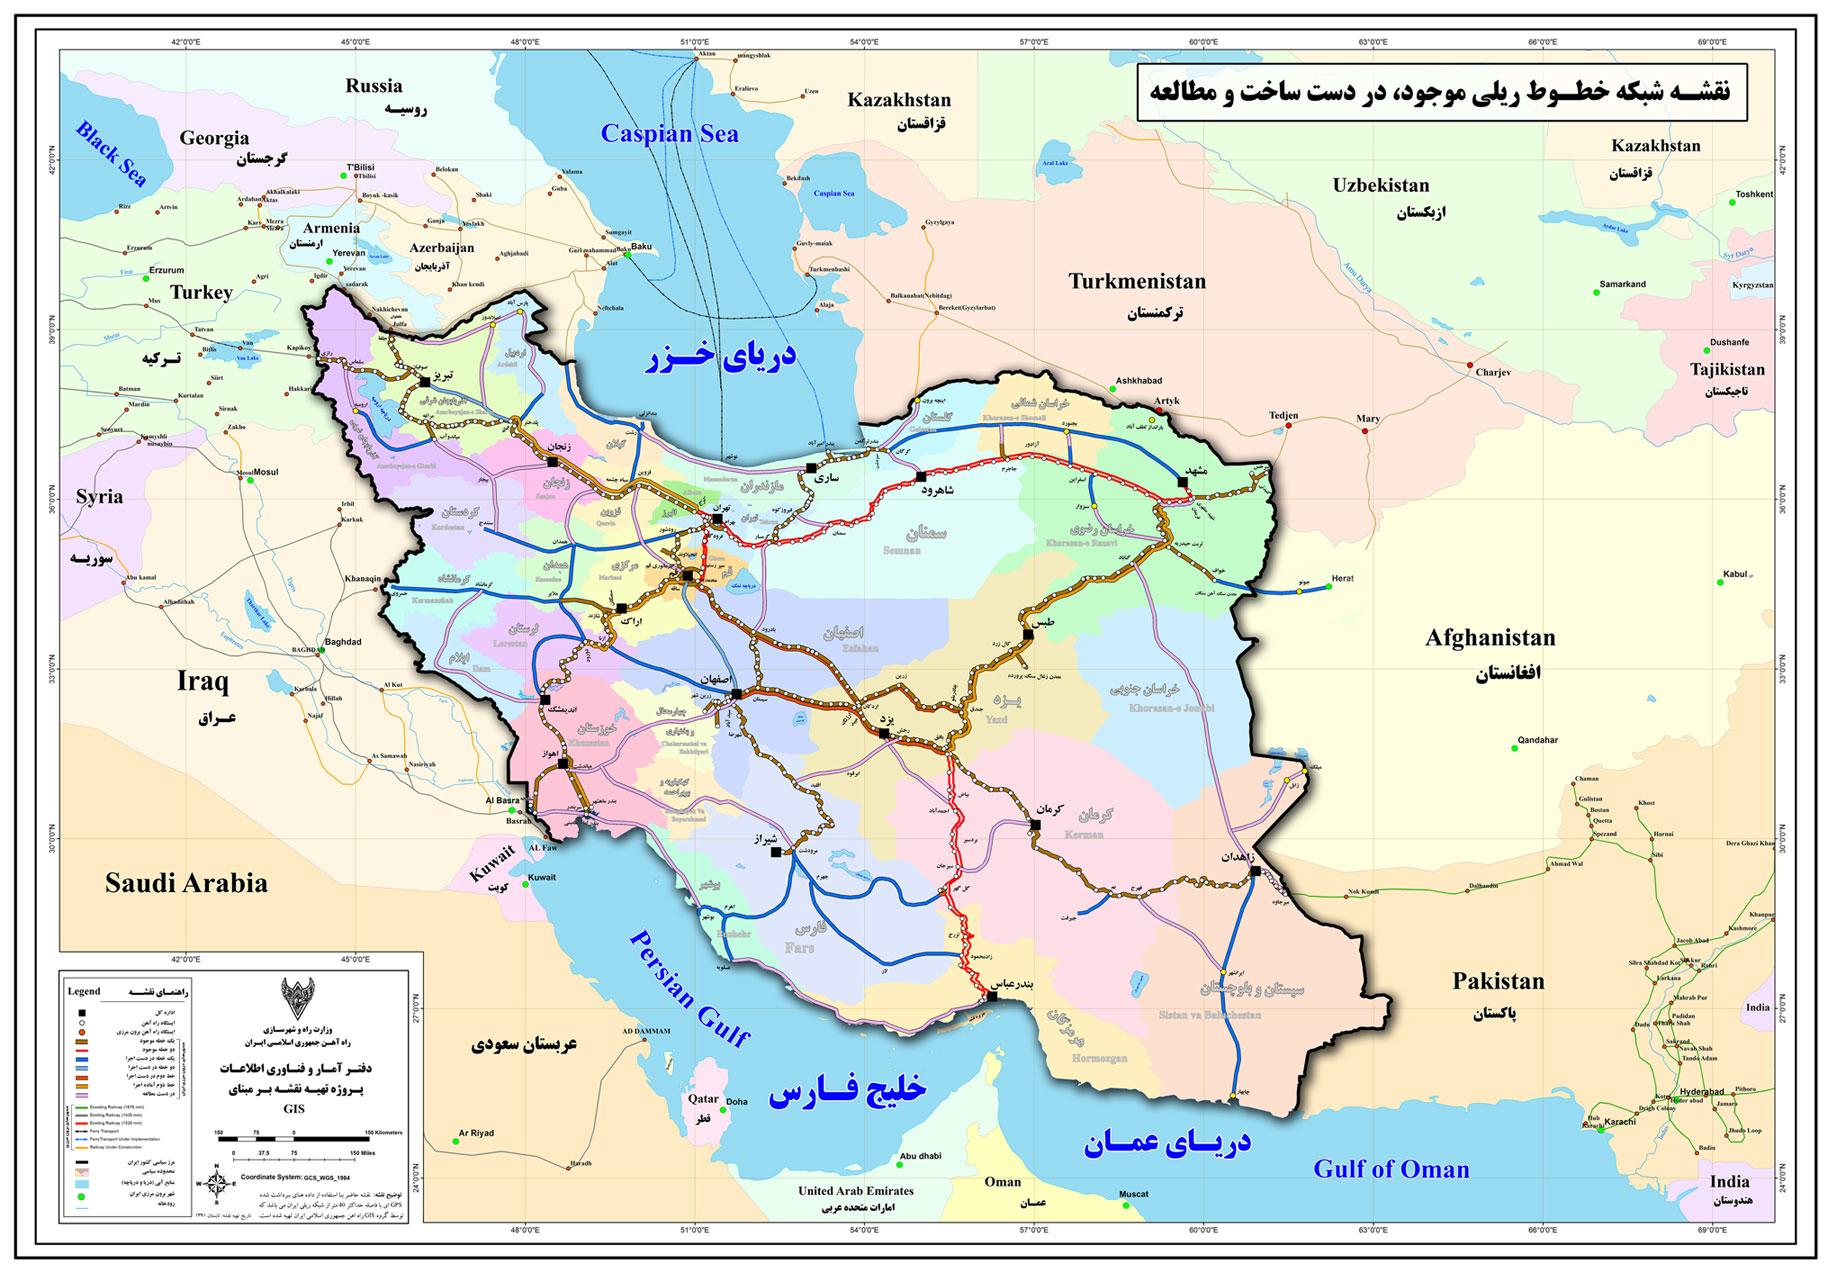 آشنایی با راه آهن ایران و ایستگاه راه آهن مشهد